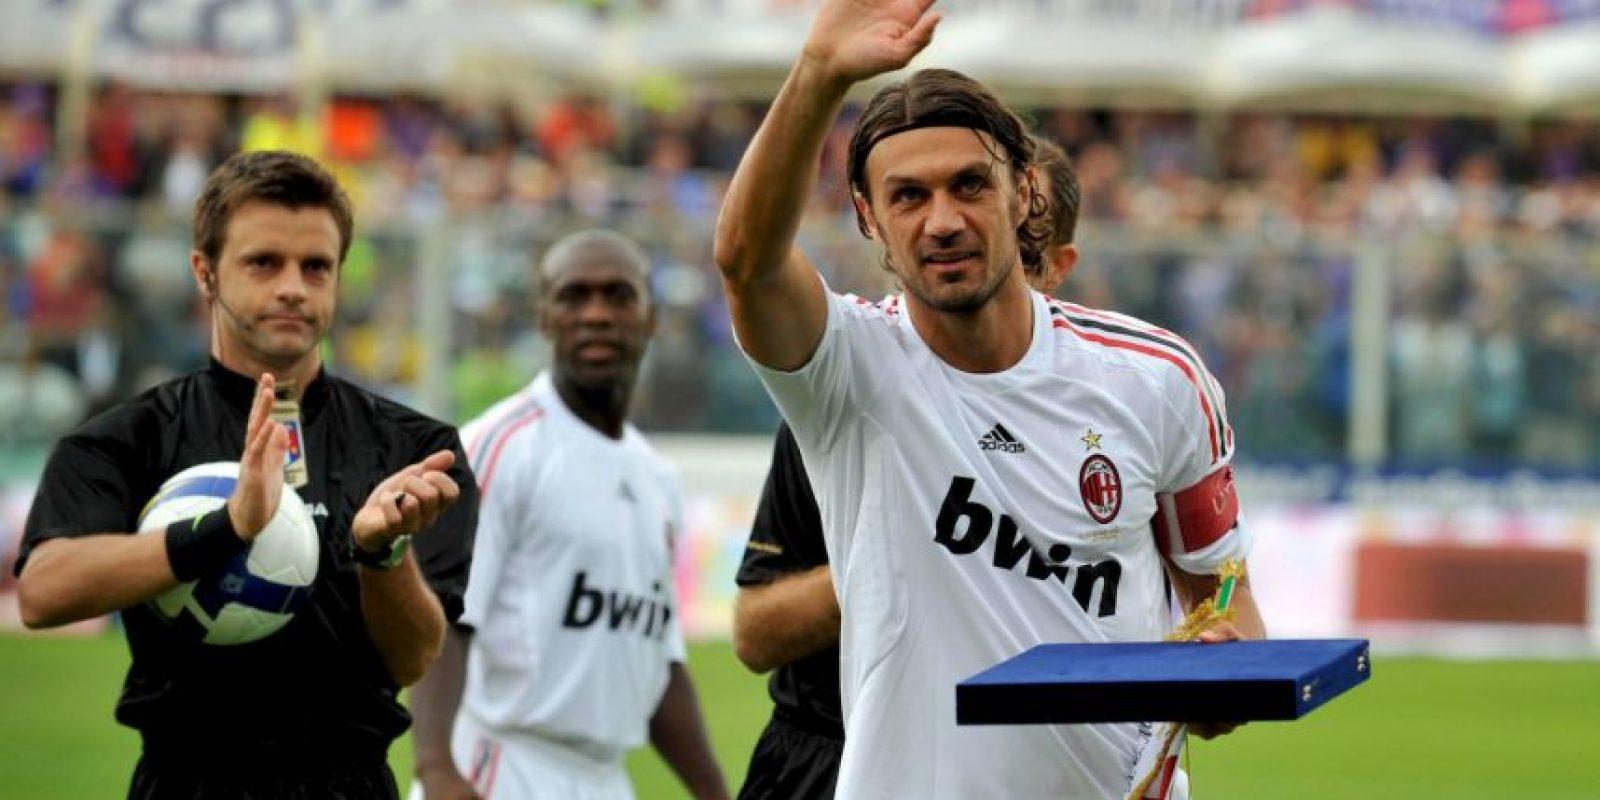 Cargaba con el peso de ser el hijo de Cesare Maldini, un histórico de AC Milán, pero supo sobrellevarlo y formó su propio camino. Como era de esperar, siguió los pasos de su padre y se calzó la camiseta de los Rossonero, donde estuvo 25 temporadas y se convirtió en ídolo. Capitaneó al equipo desde 1996 y lo hizo hasta su retiro en 2009, cuando ya tenía 41 años. Su palmarés en AC Milán tiene 26 títulos y contempla siete Serie A, cinco Champions League, una Copa de Italia, cinco Supercopa de Italia, cinco Supercopa de Europa, dos copa Intercontinental y un Mundial de Clubes. Foto:Getty Images